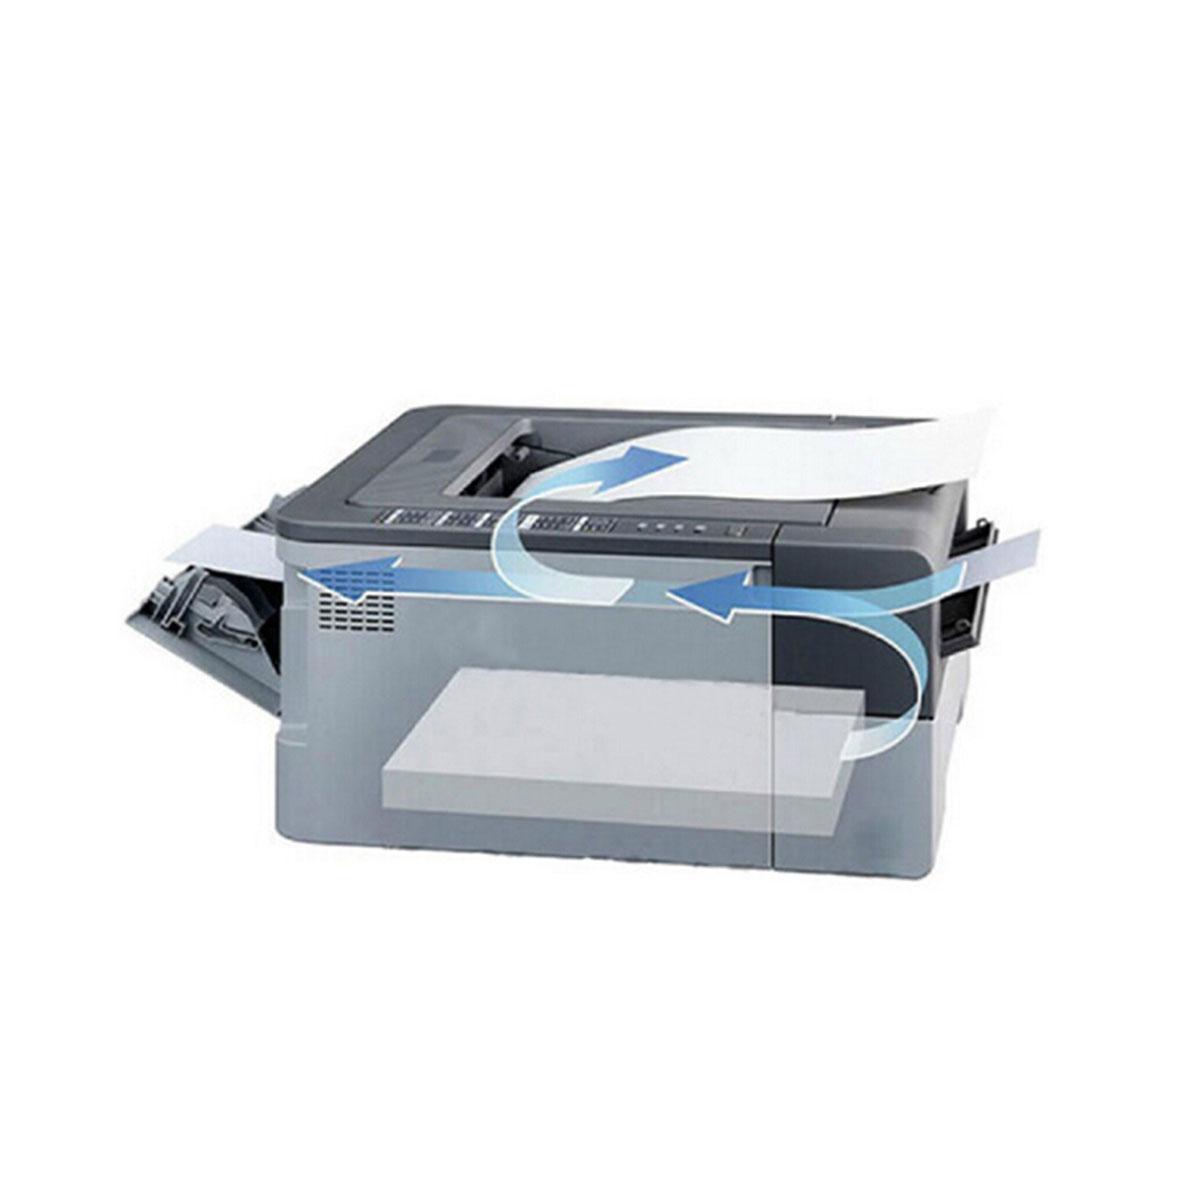 柯尼卡美能达bizhub12P黑白激光数码复印机A4柯美万博官网manbetxapp bizhub12P